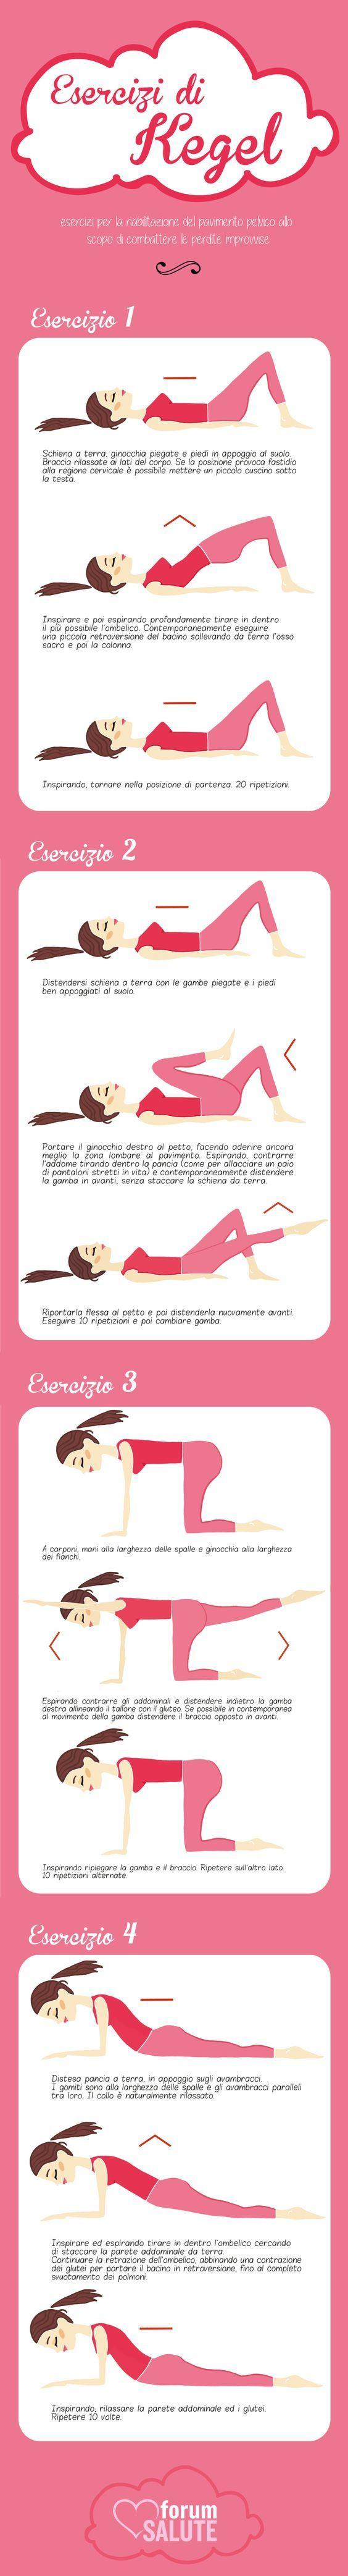 #infografica sugli esercizi di #kegel per la riabilitazione del pavimento pelvico